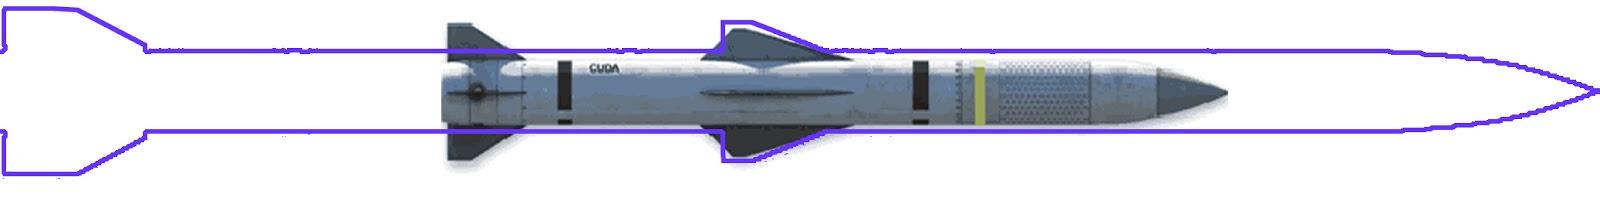 http://3.bp.blogspot.com/-WmHdON4q_18/UMgAQdFnCbI/AAAAAAAAB-Y/IgrsB4jEniI/s1600/AIM_120-CUDA-Compare-Size.jpg